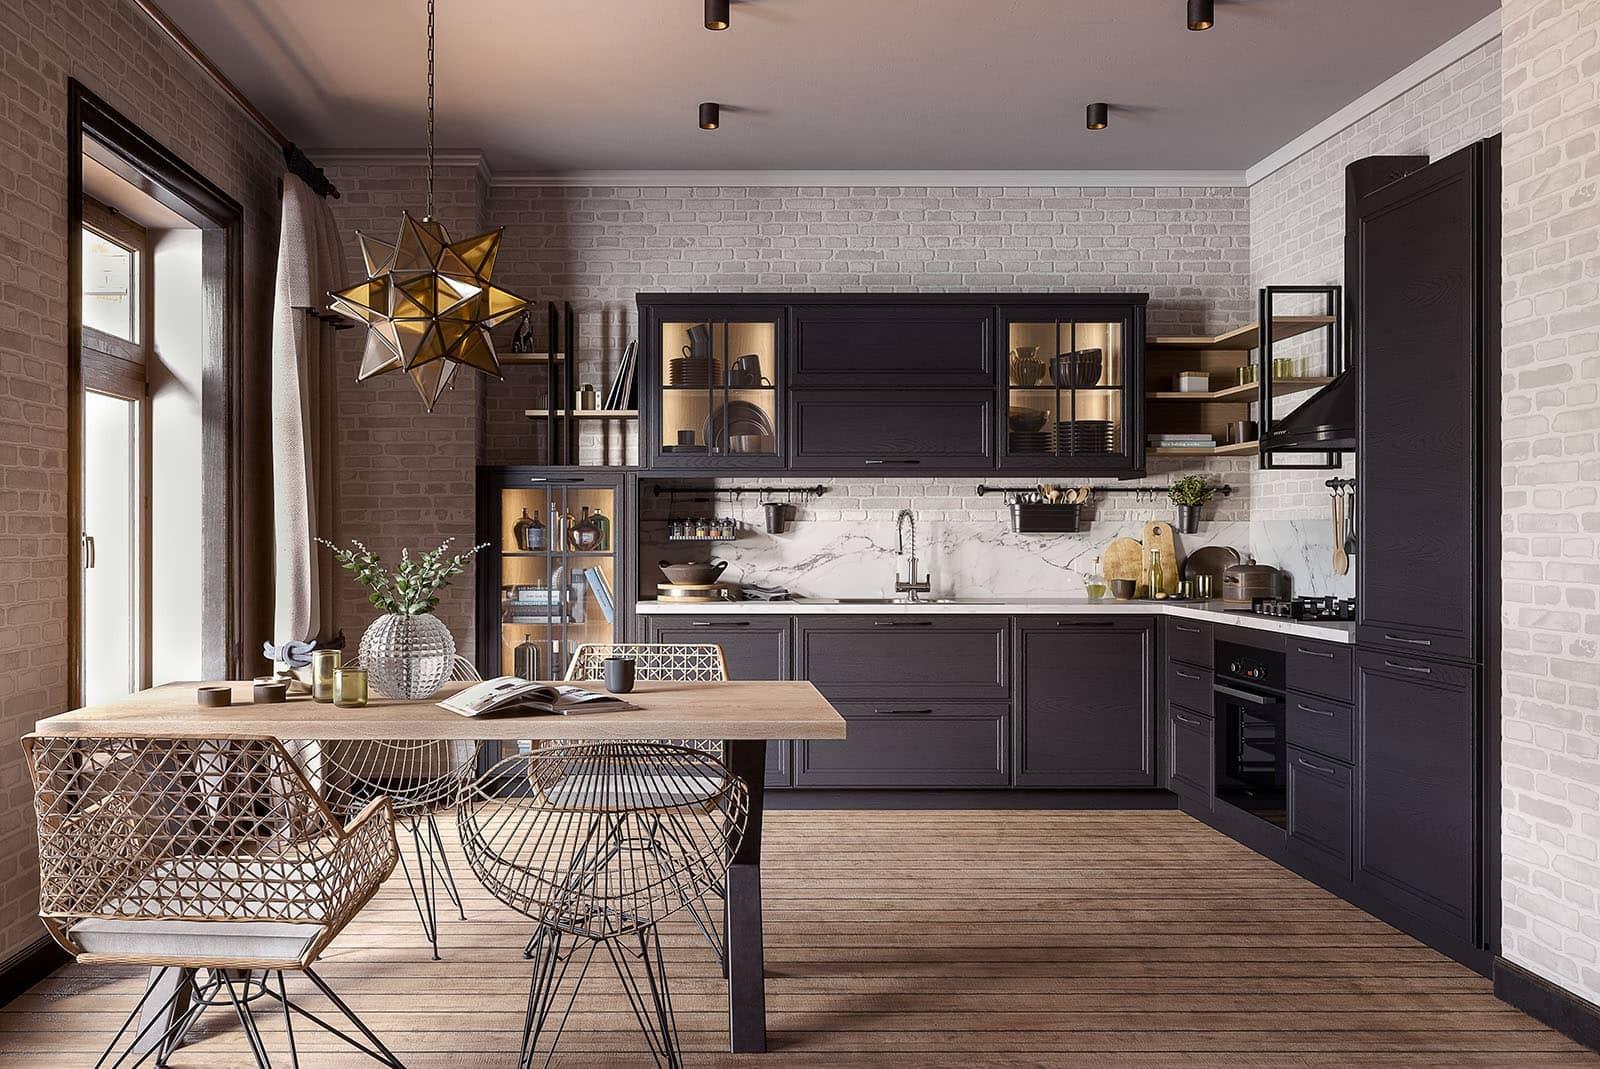 Full Size of Küche L Form Gebraucht Kaufen Küche L Form Günstig Kaufen Ikea Küche L Form Küche L Form Kaufen Küche Küche L Form